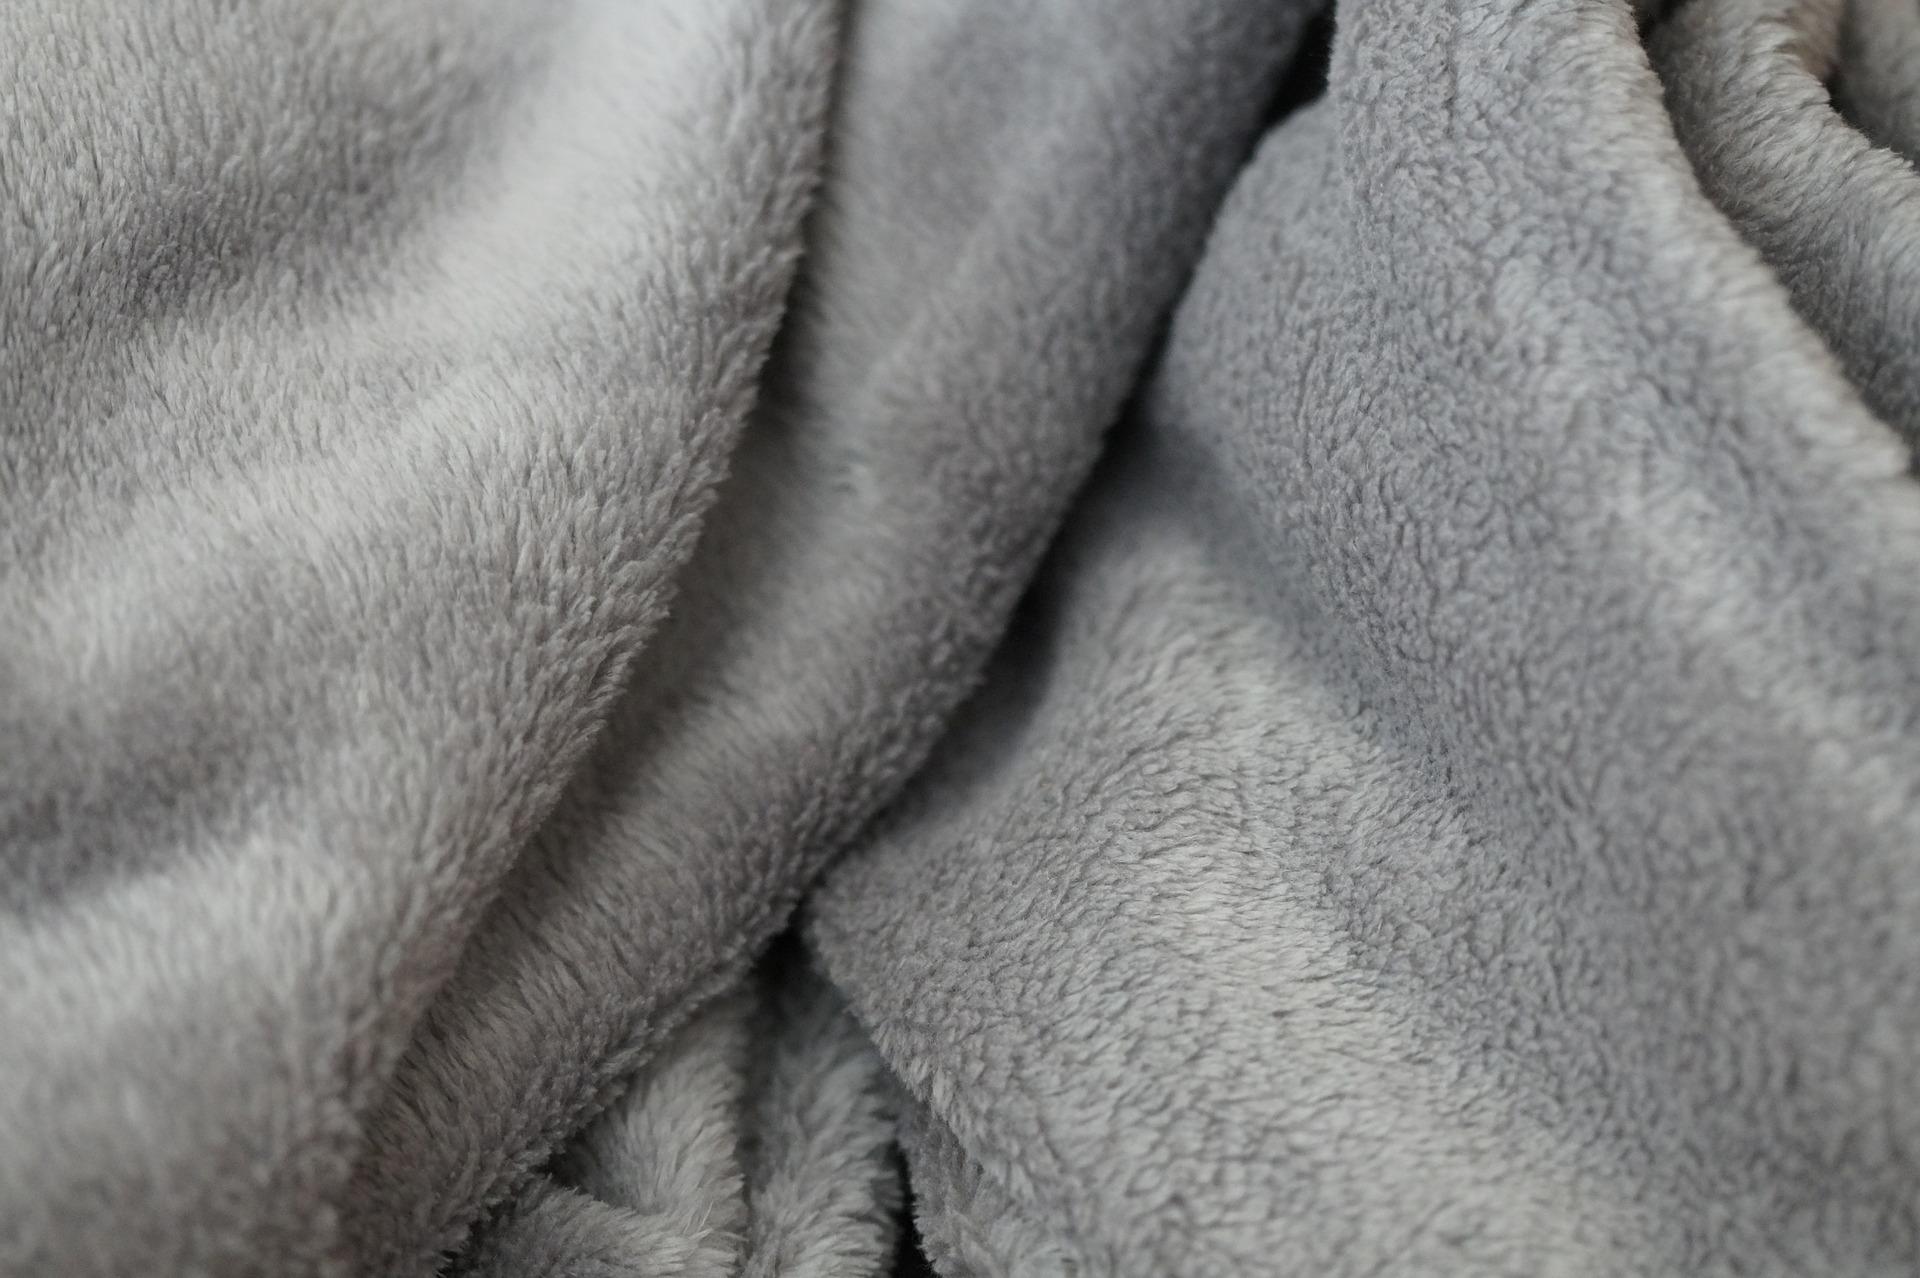 洗える 敷布団 選び方 おすすめ ランキング